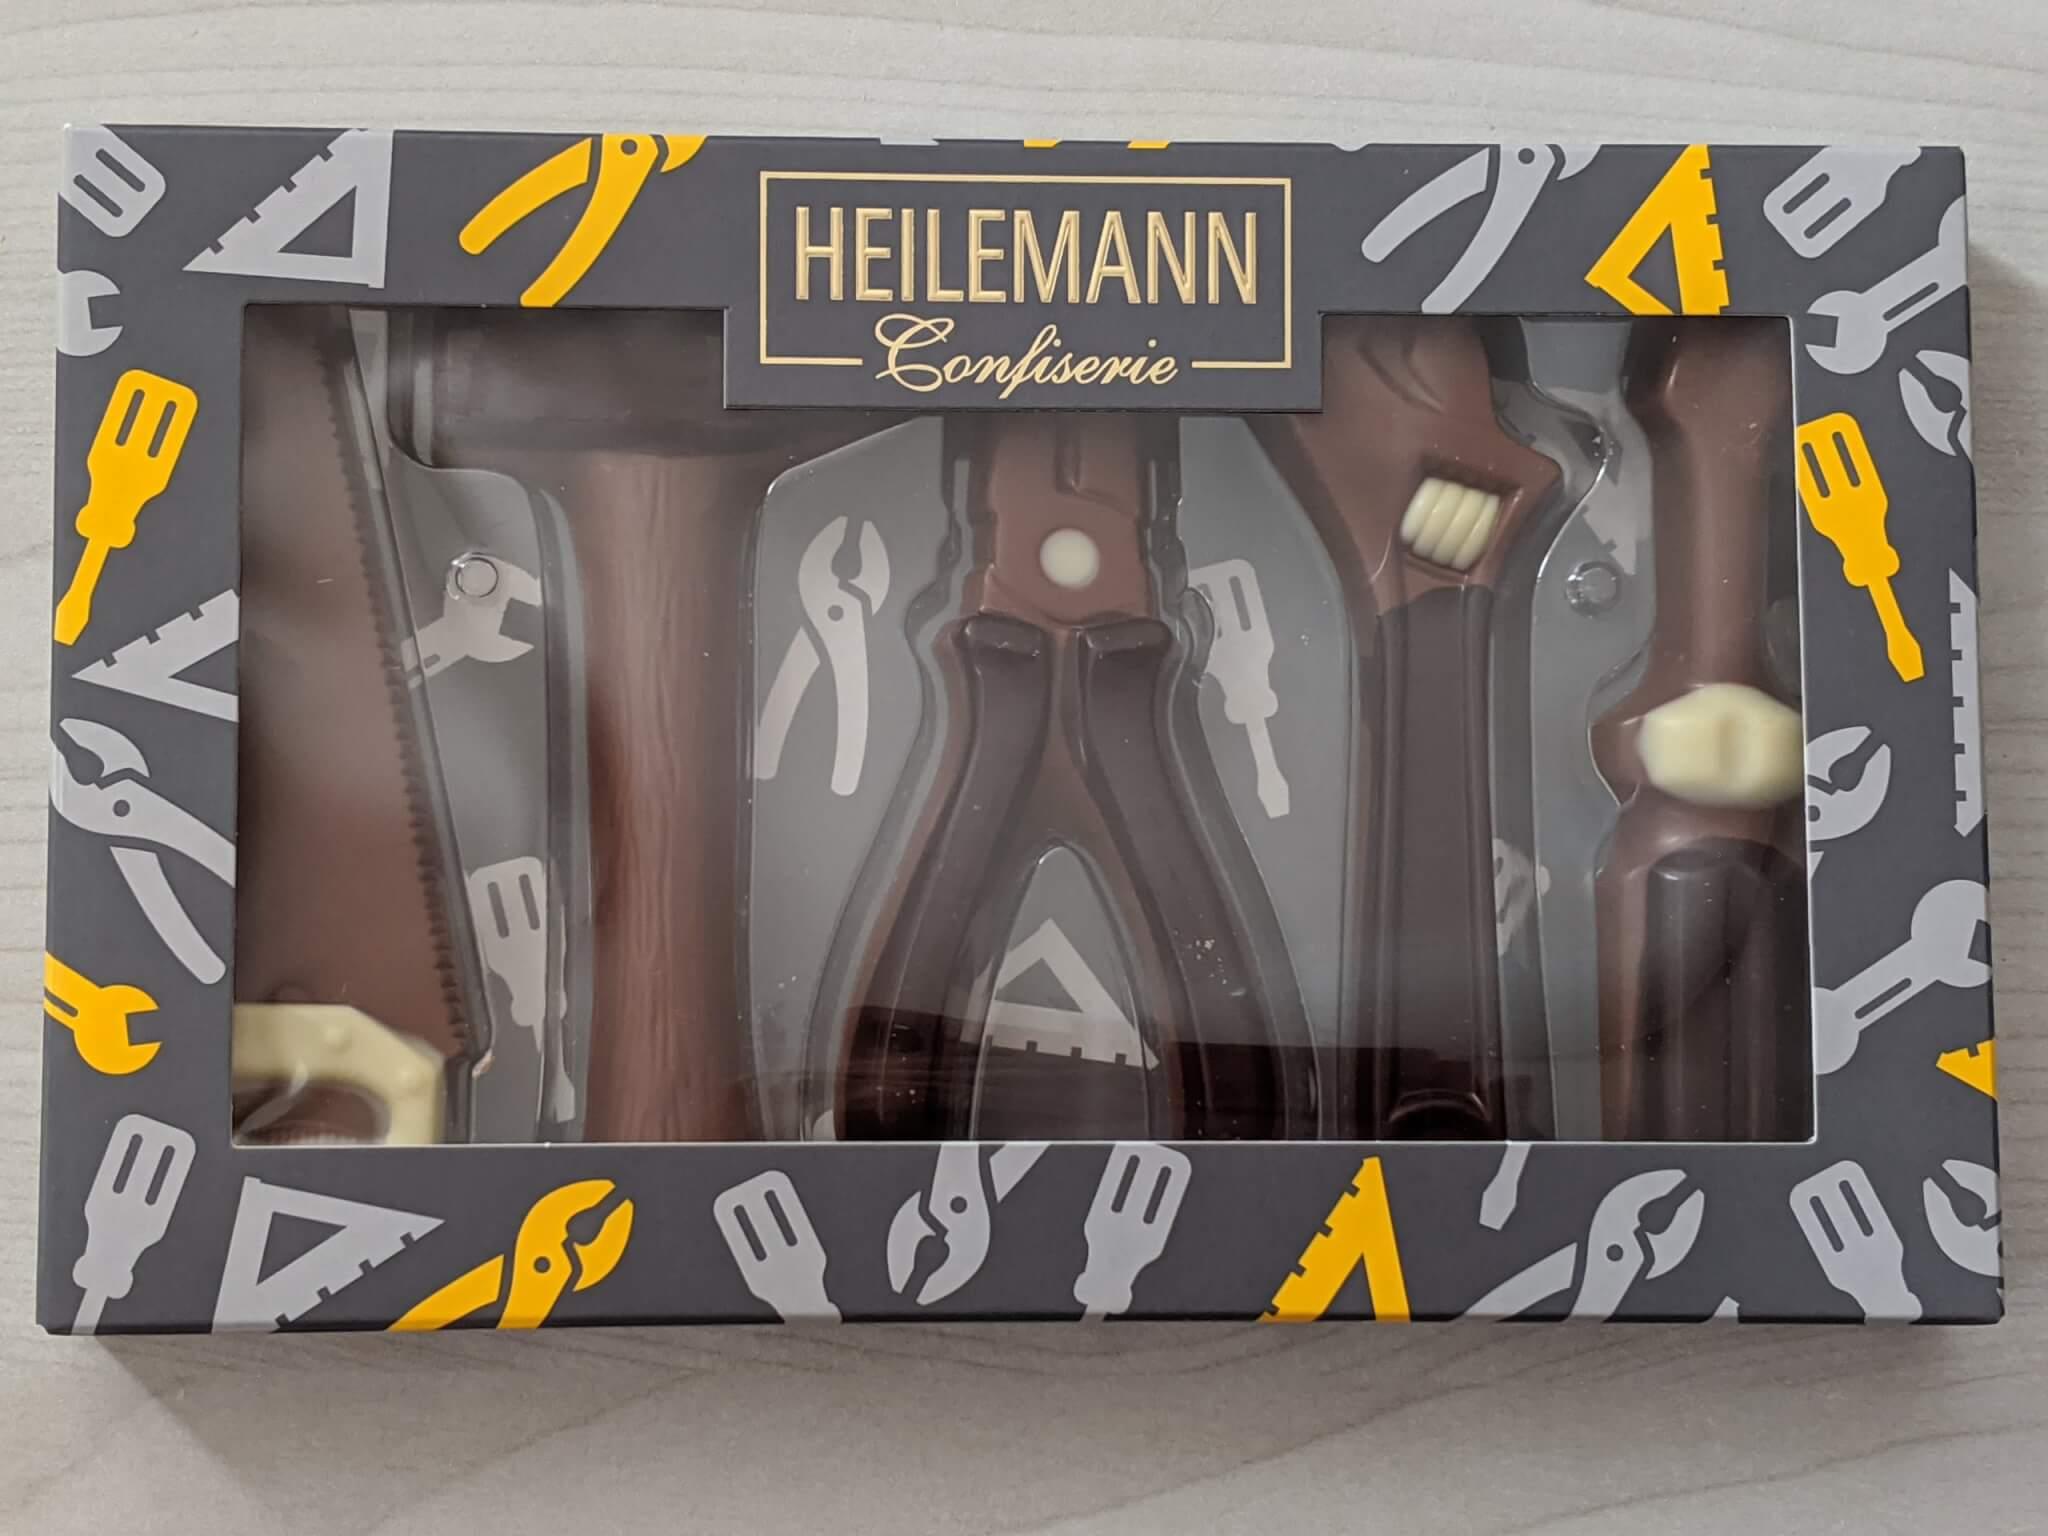 カルディ ハイレマンの工具チョコセット